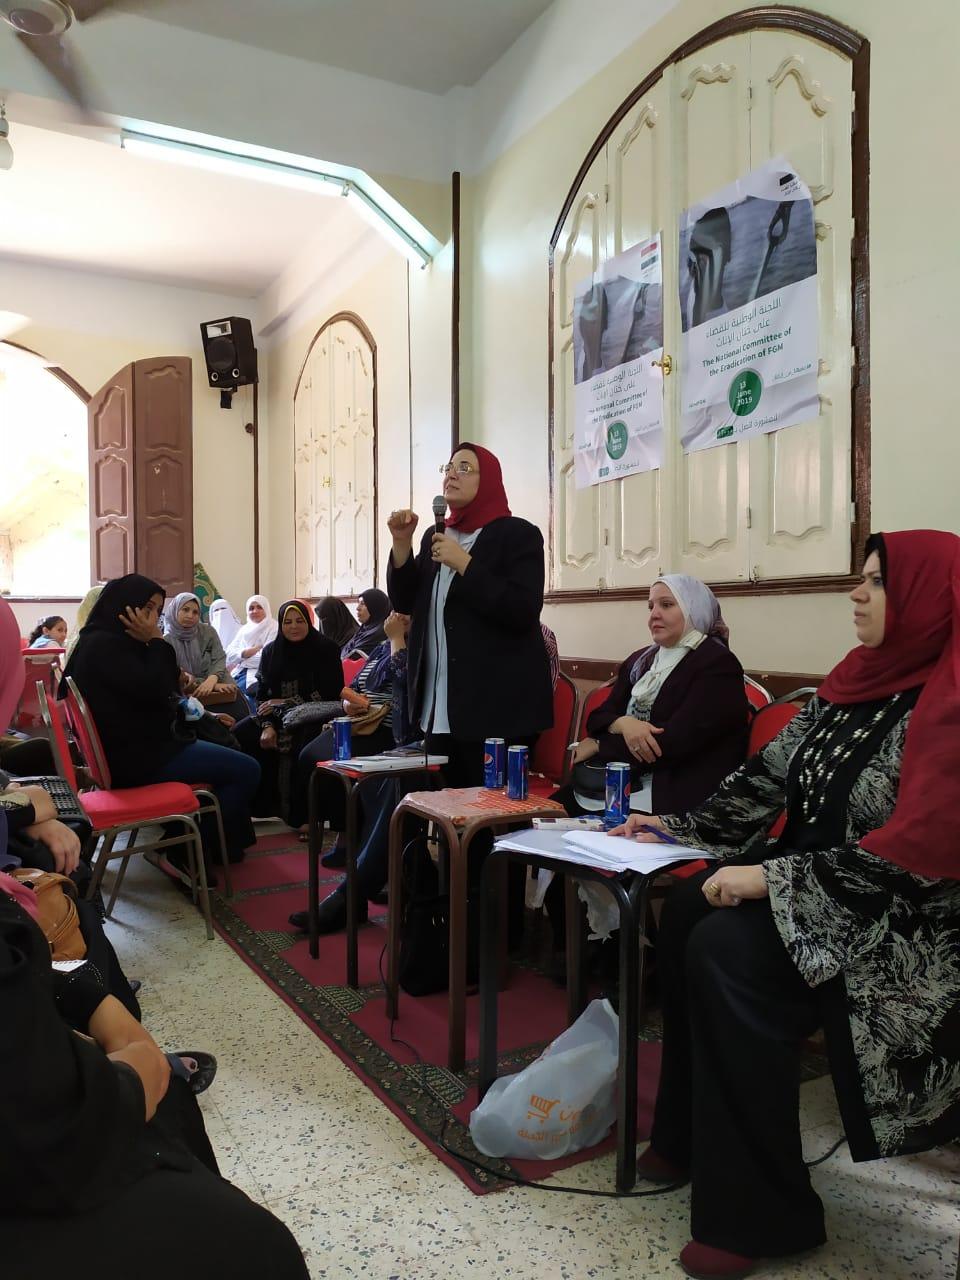 القومى للمرأة بالشرقية ينظم قوافل توعية فى اليوم الوطني لمناهضة ختان الإناث (8)